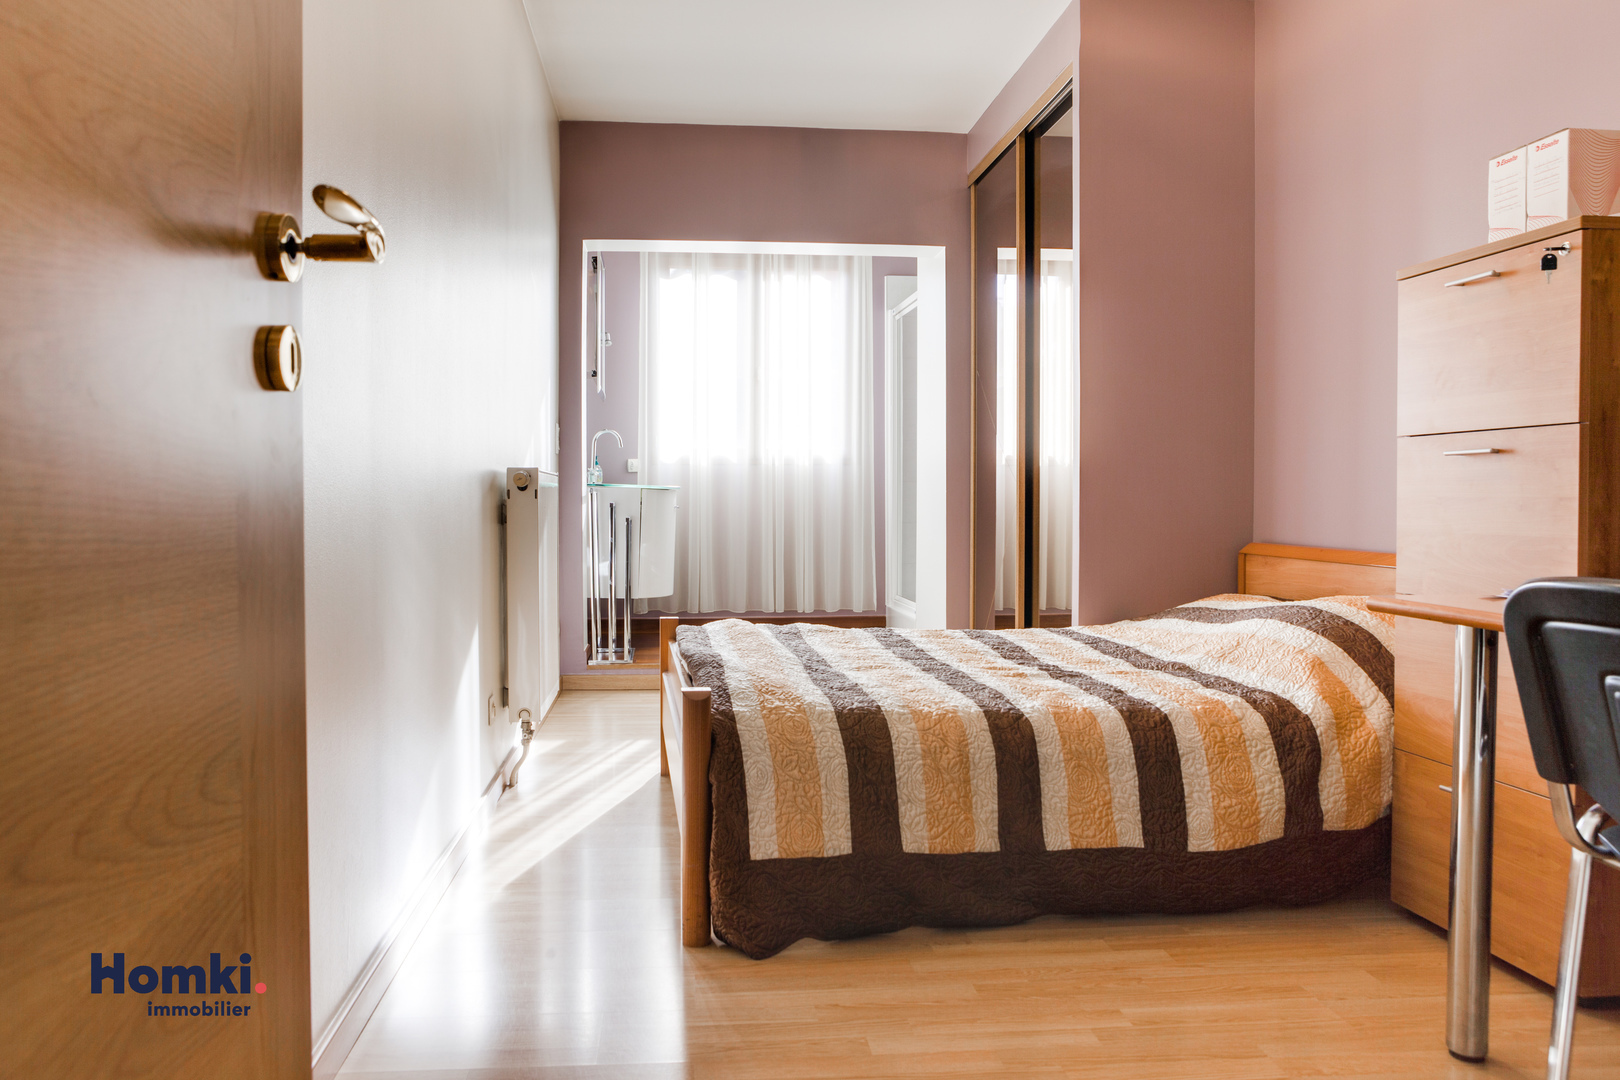 Maison I 150 m² I T4/5 I 69500 | photo 9